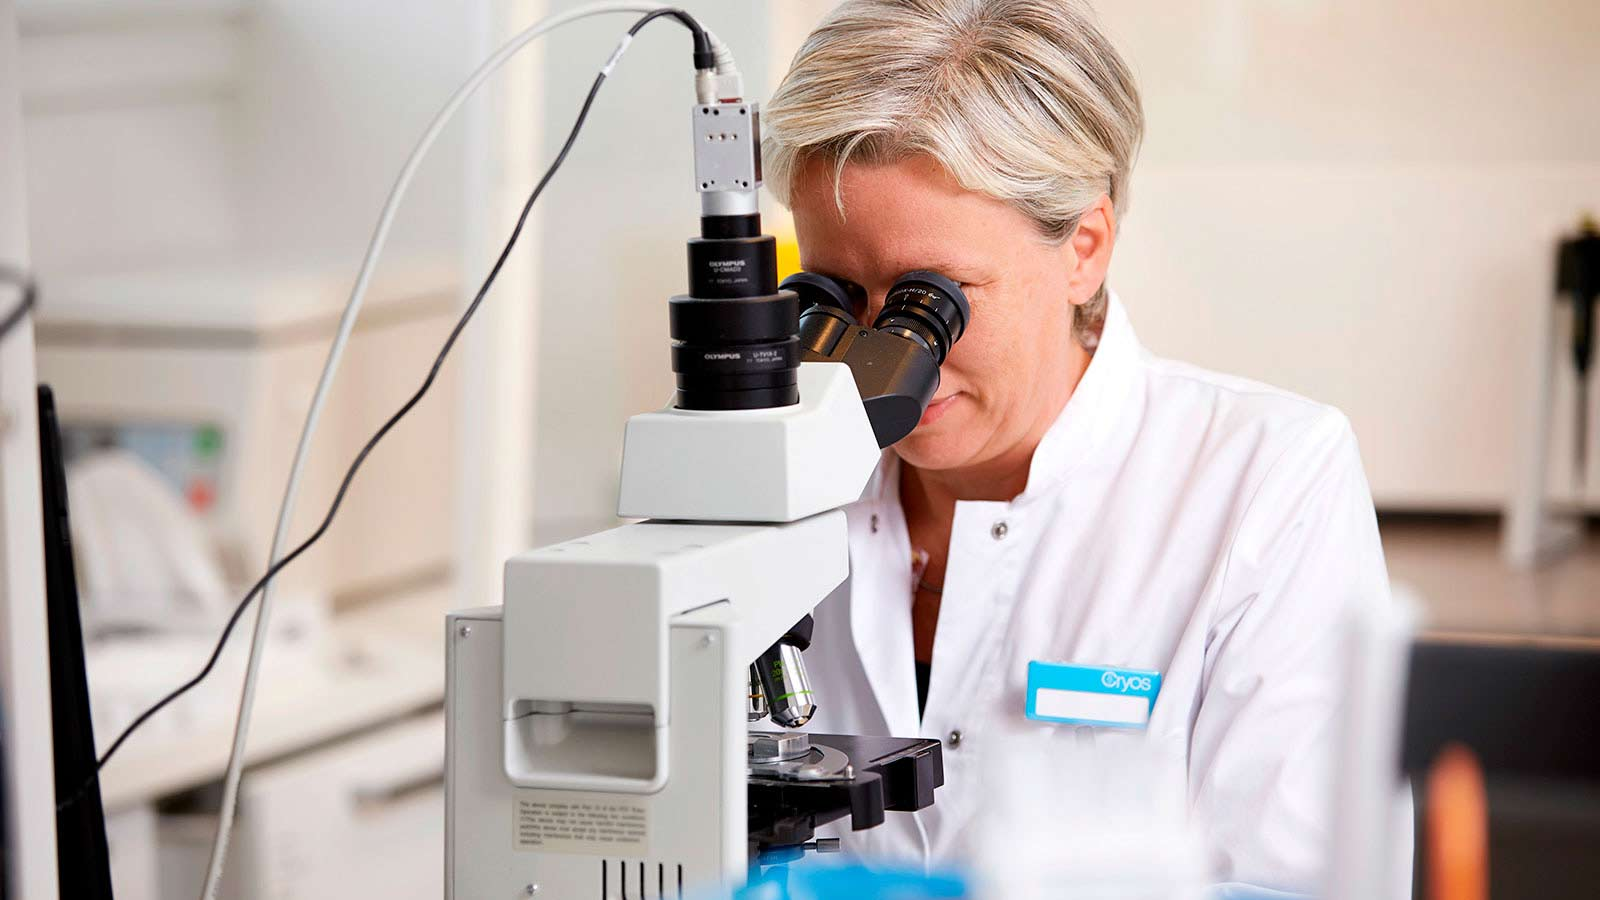 Cryos Labortechnikerin beurteilt die Qualität einer Spendersamenprobe durch ein Mikroskop